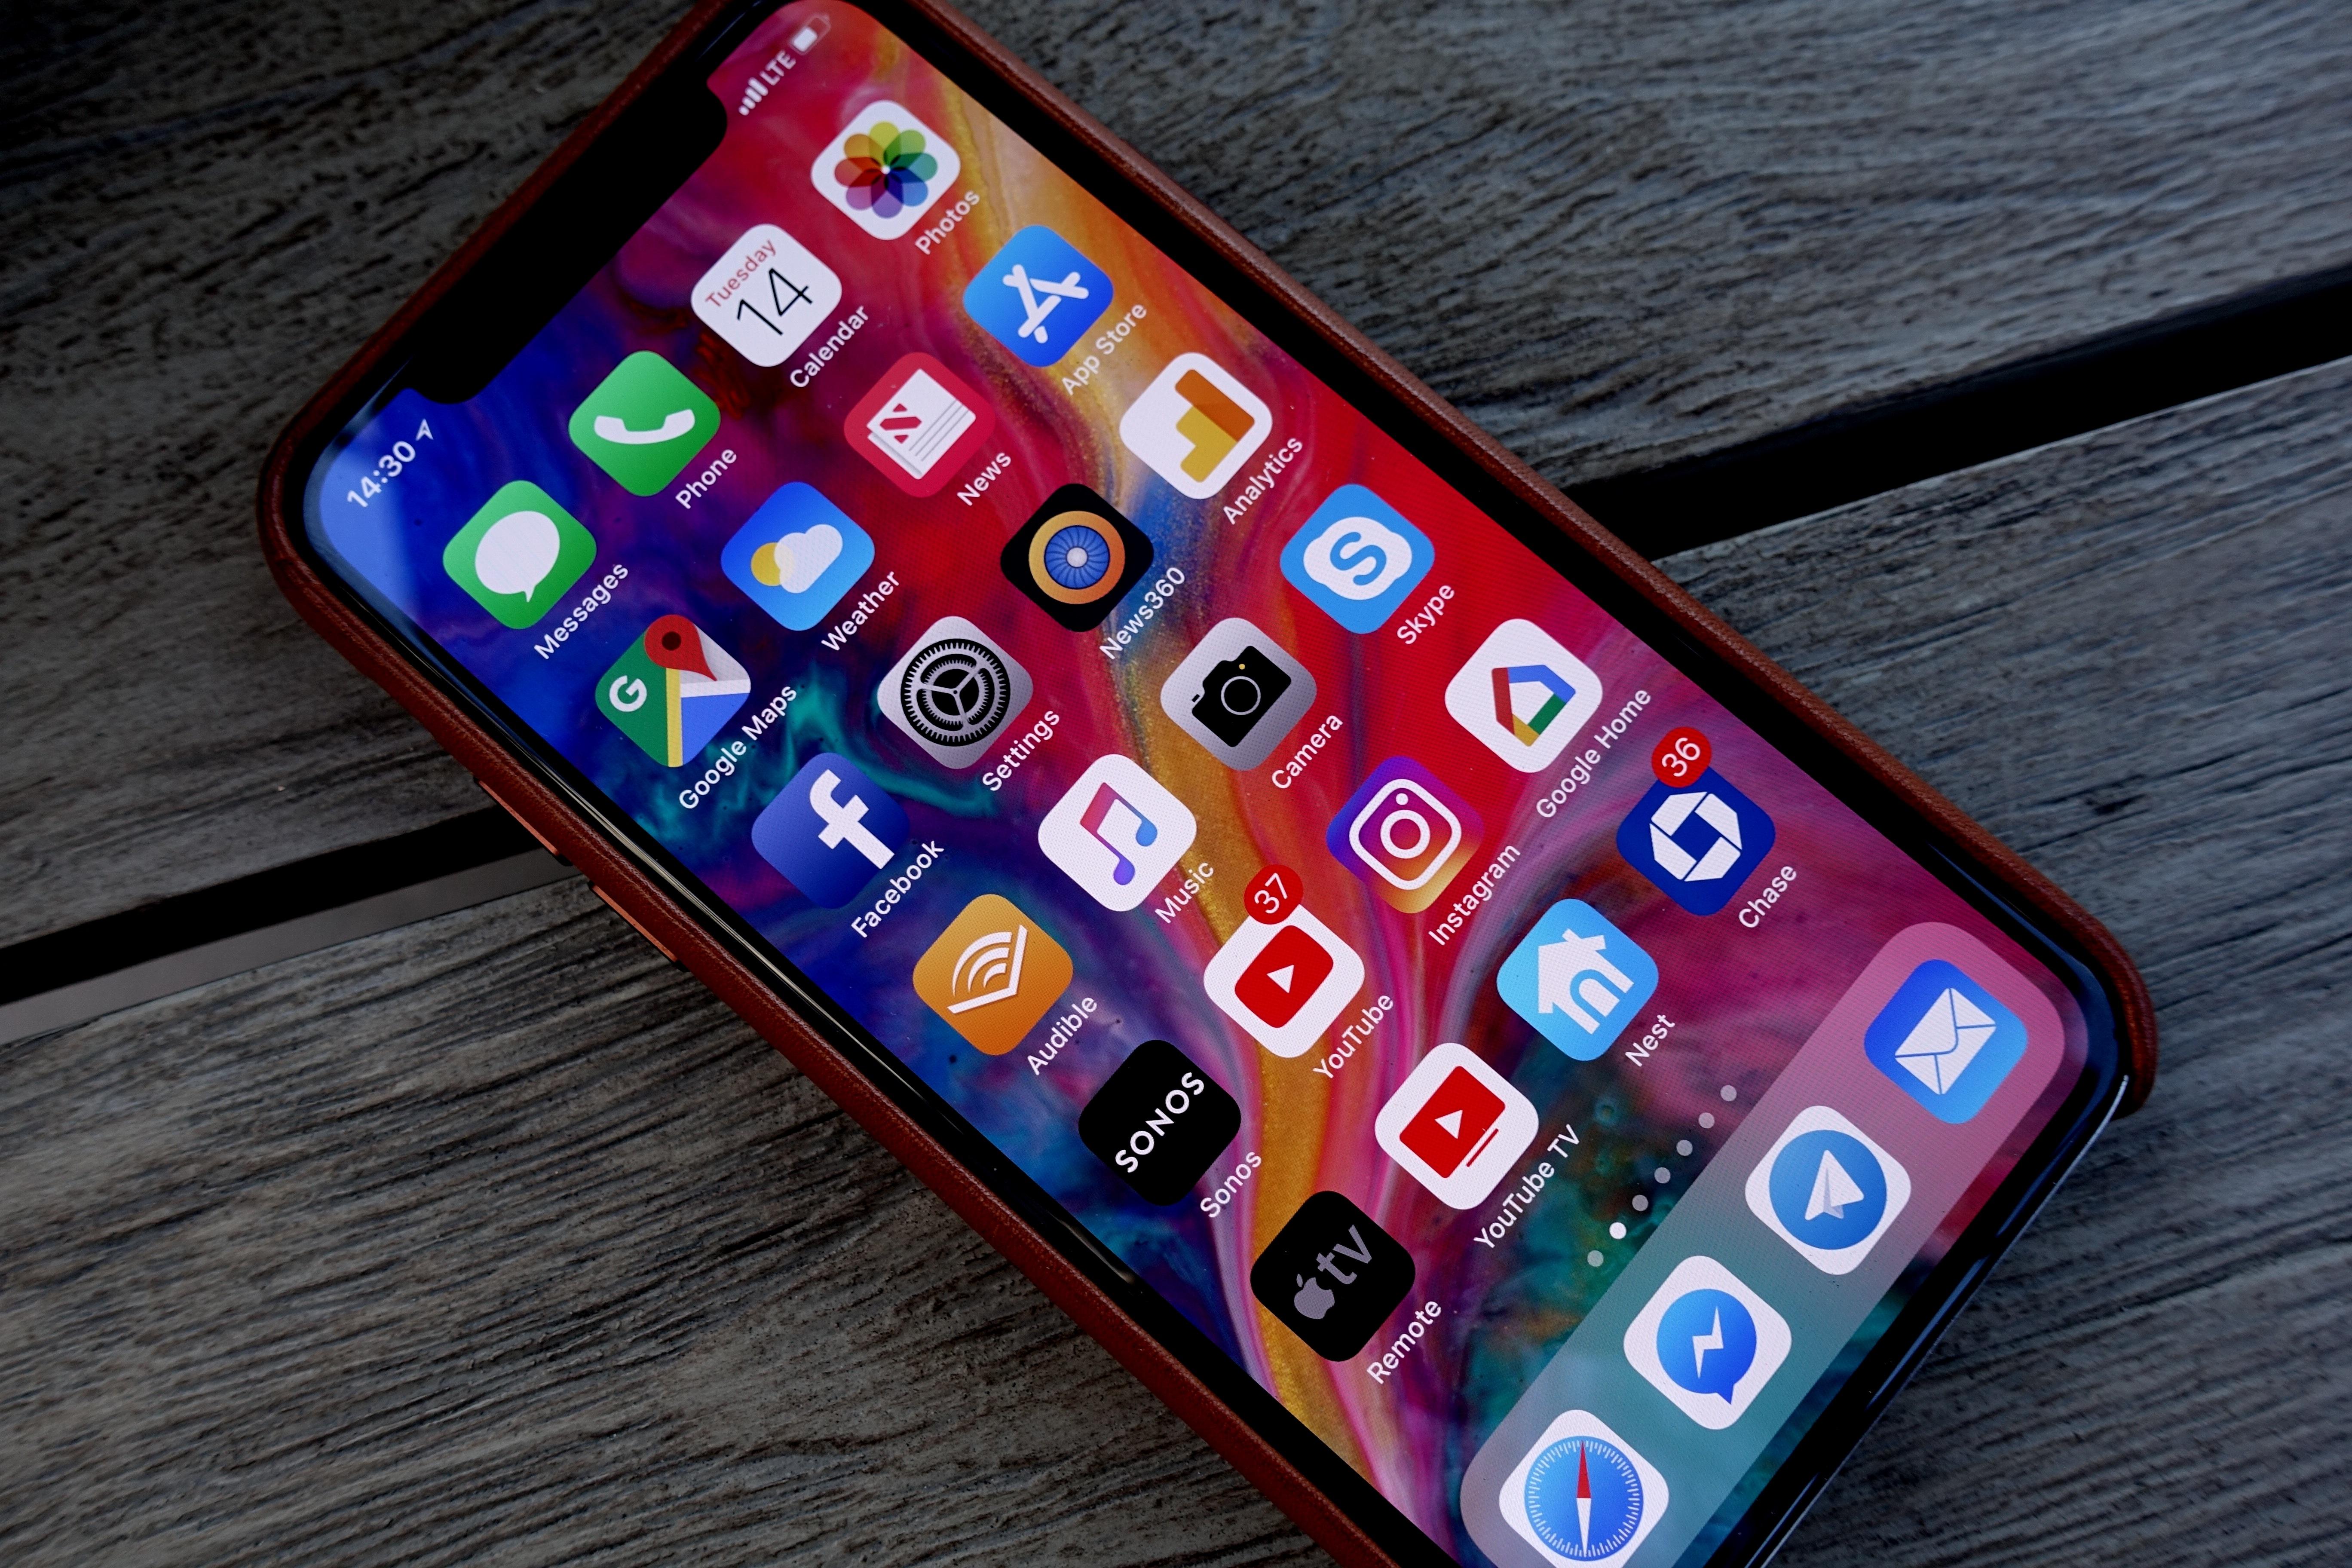 - Årets iPhoner vil bruke Intel-modemer.